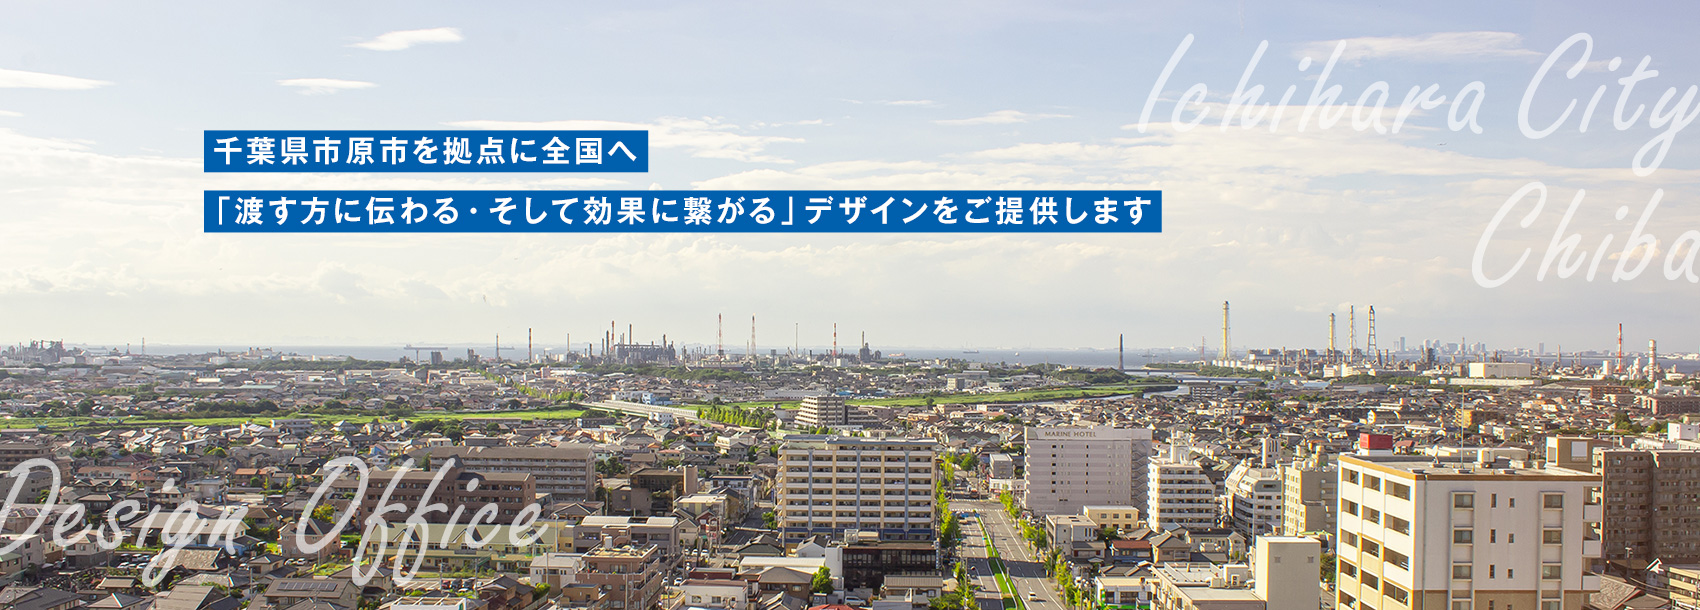 千葉県市原市を拠点に活動するデザイン事務所